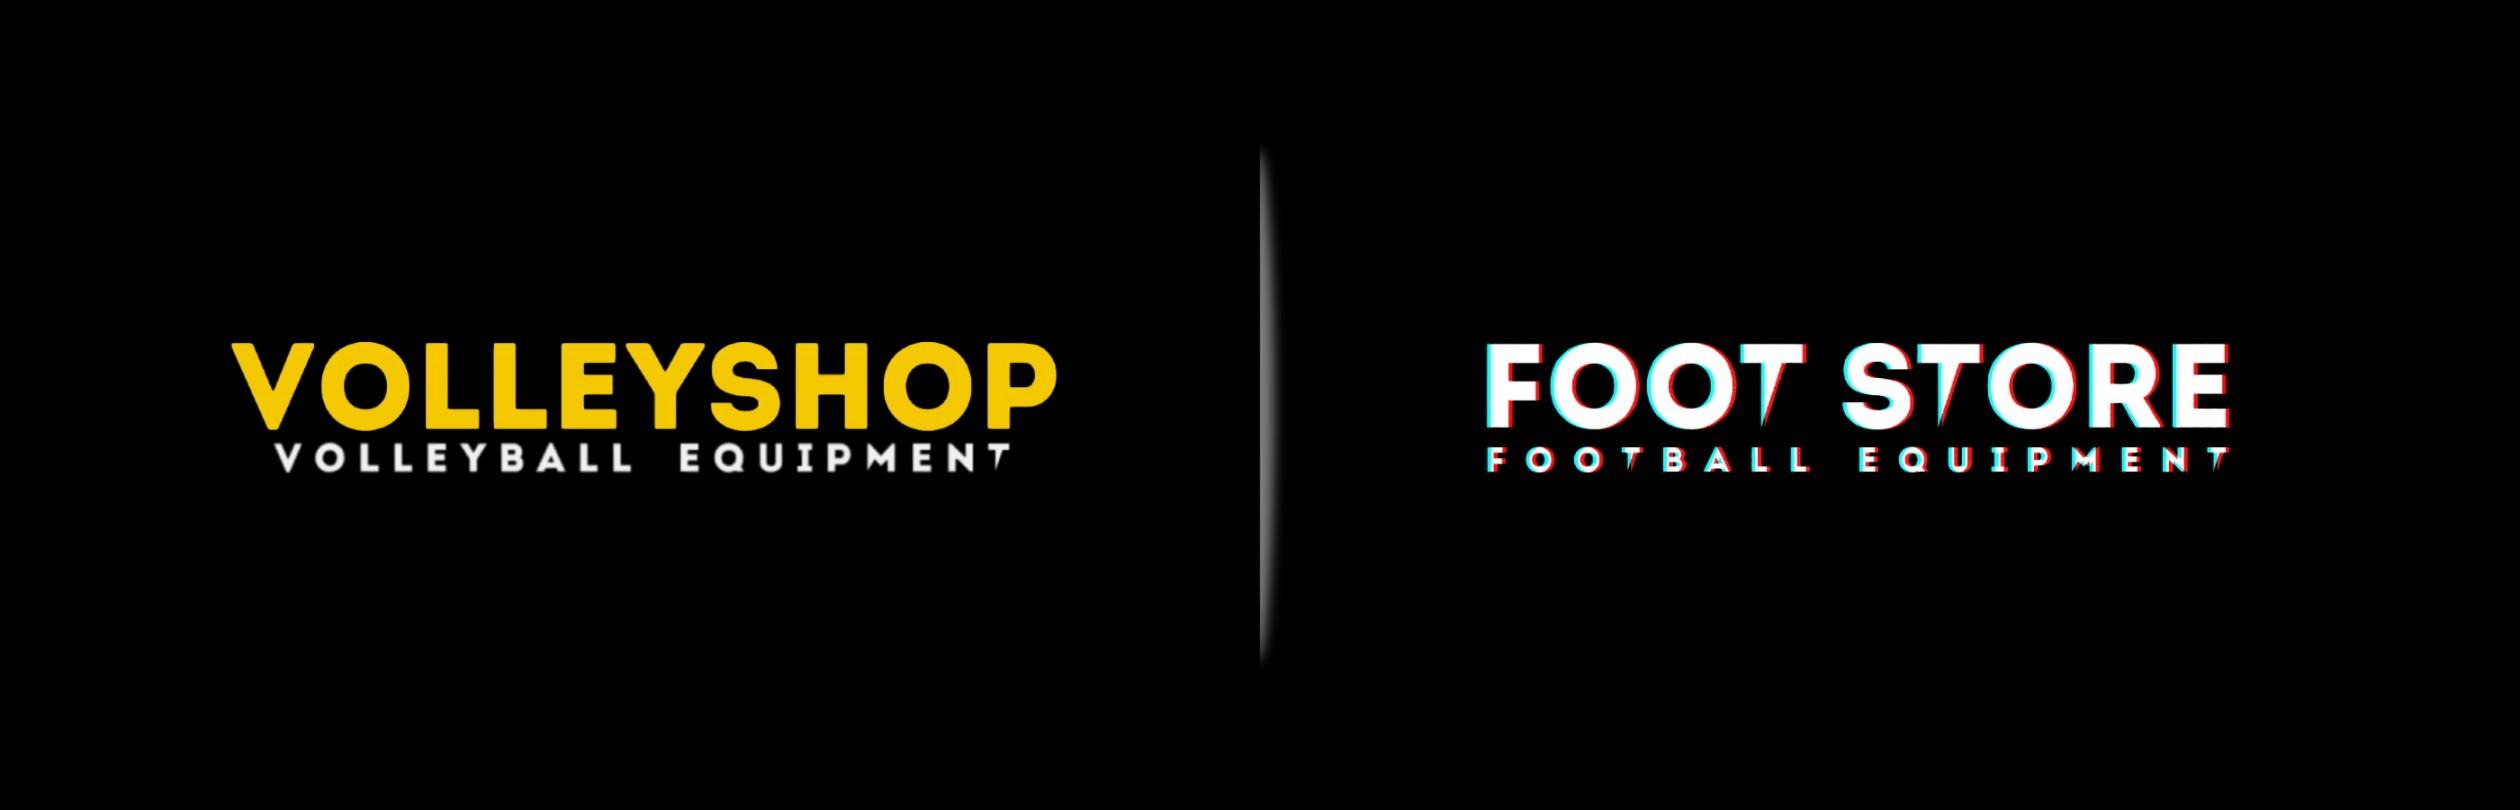 FOOTSTORE